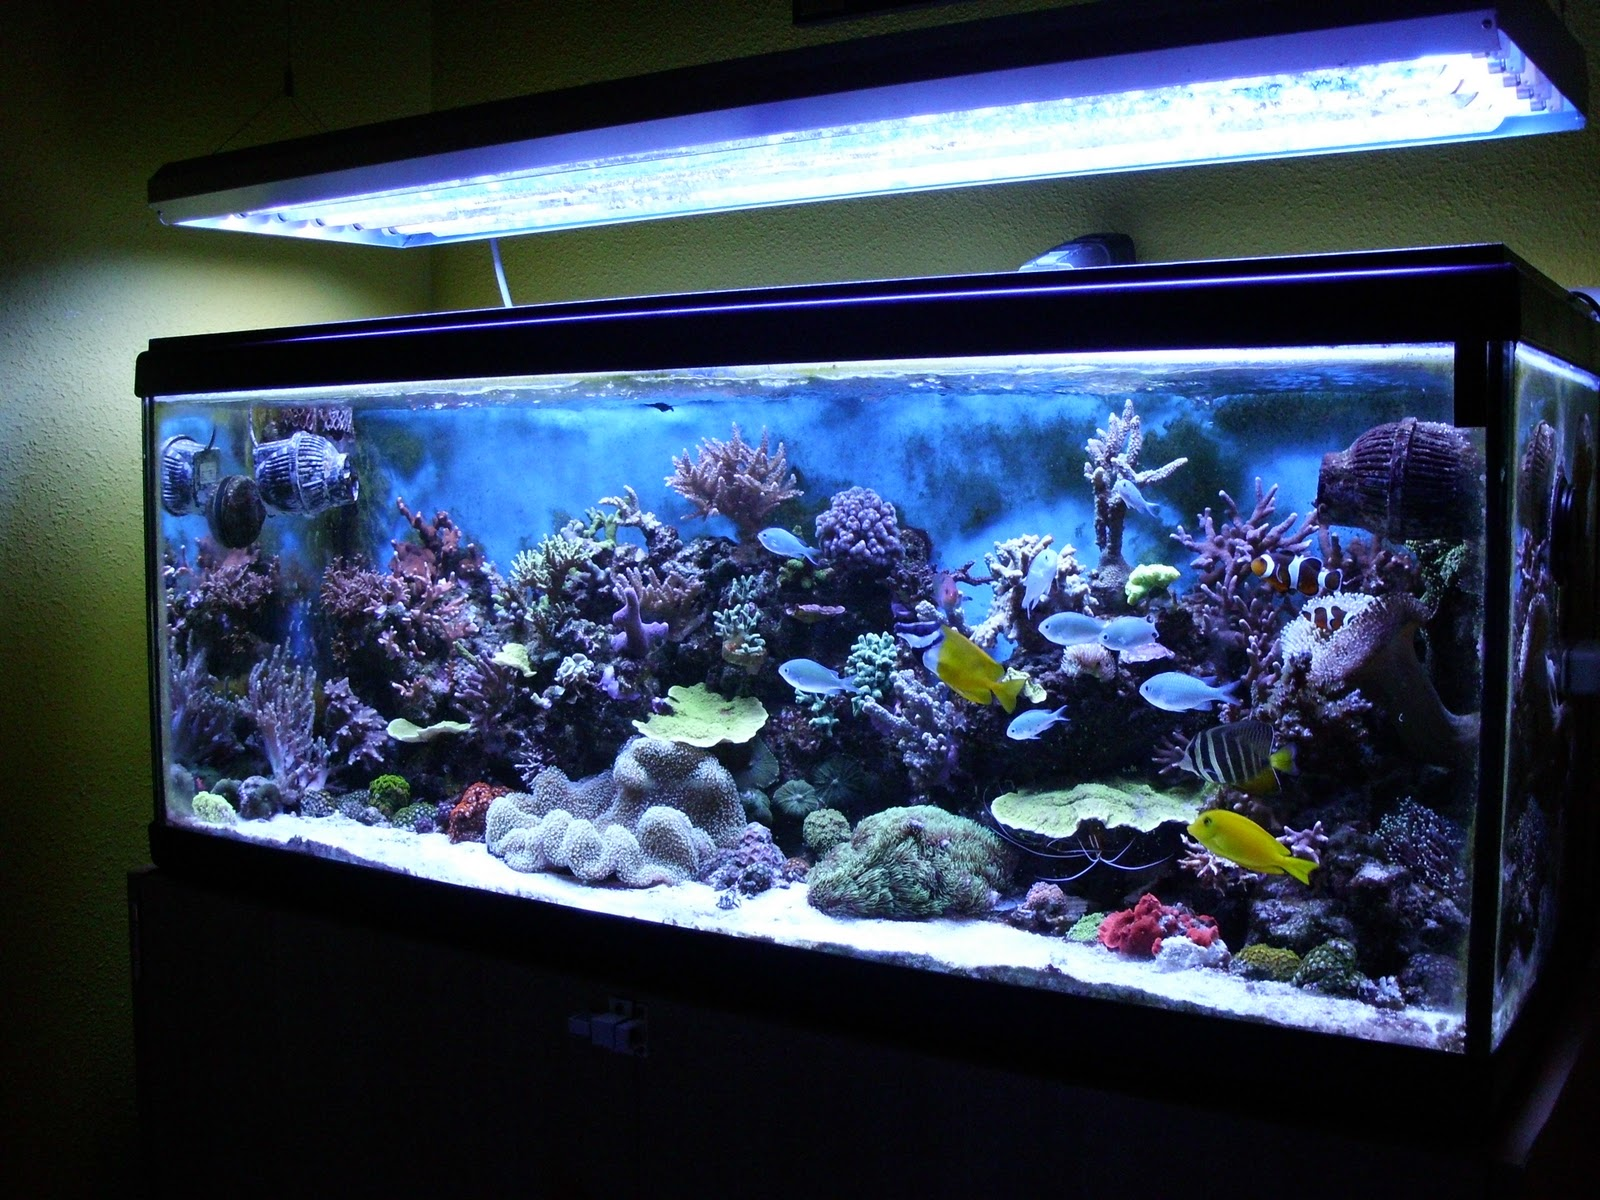 Los acuarios de irrayoli los acuarios de irrayoli - Pecera de pared ...